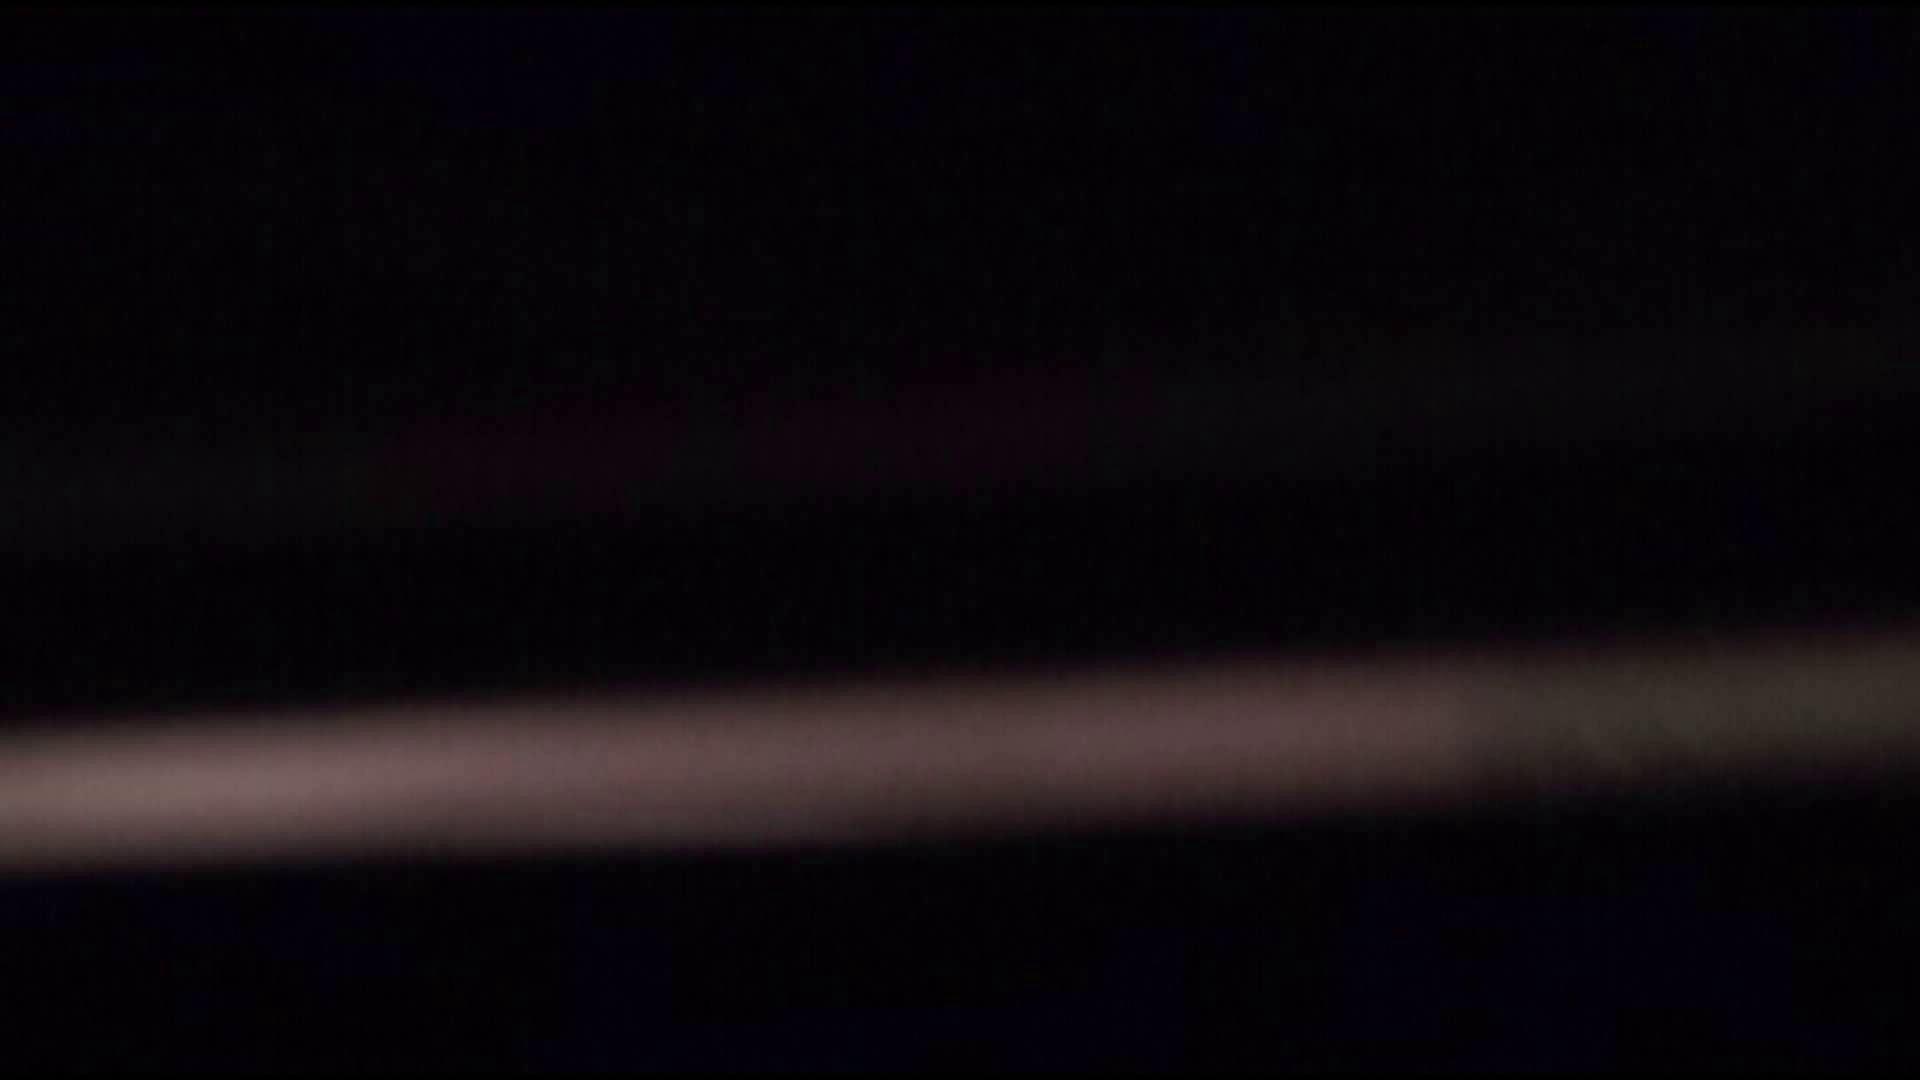 民家の騎士さんの最後の性戦ハイビジョン!!No.47 テクニック すけべAV動画紹介 77pic 66